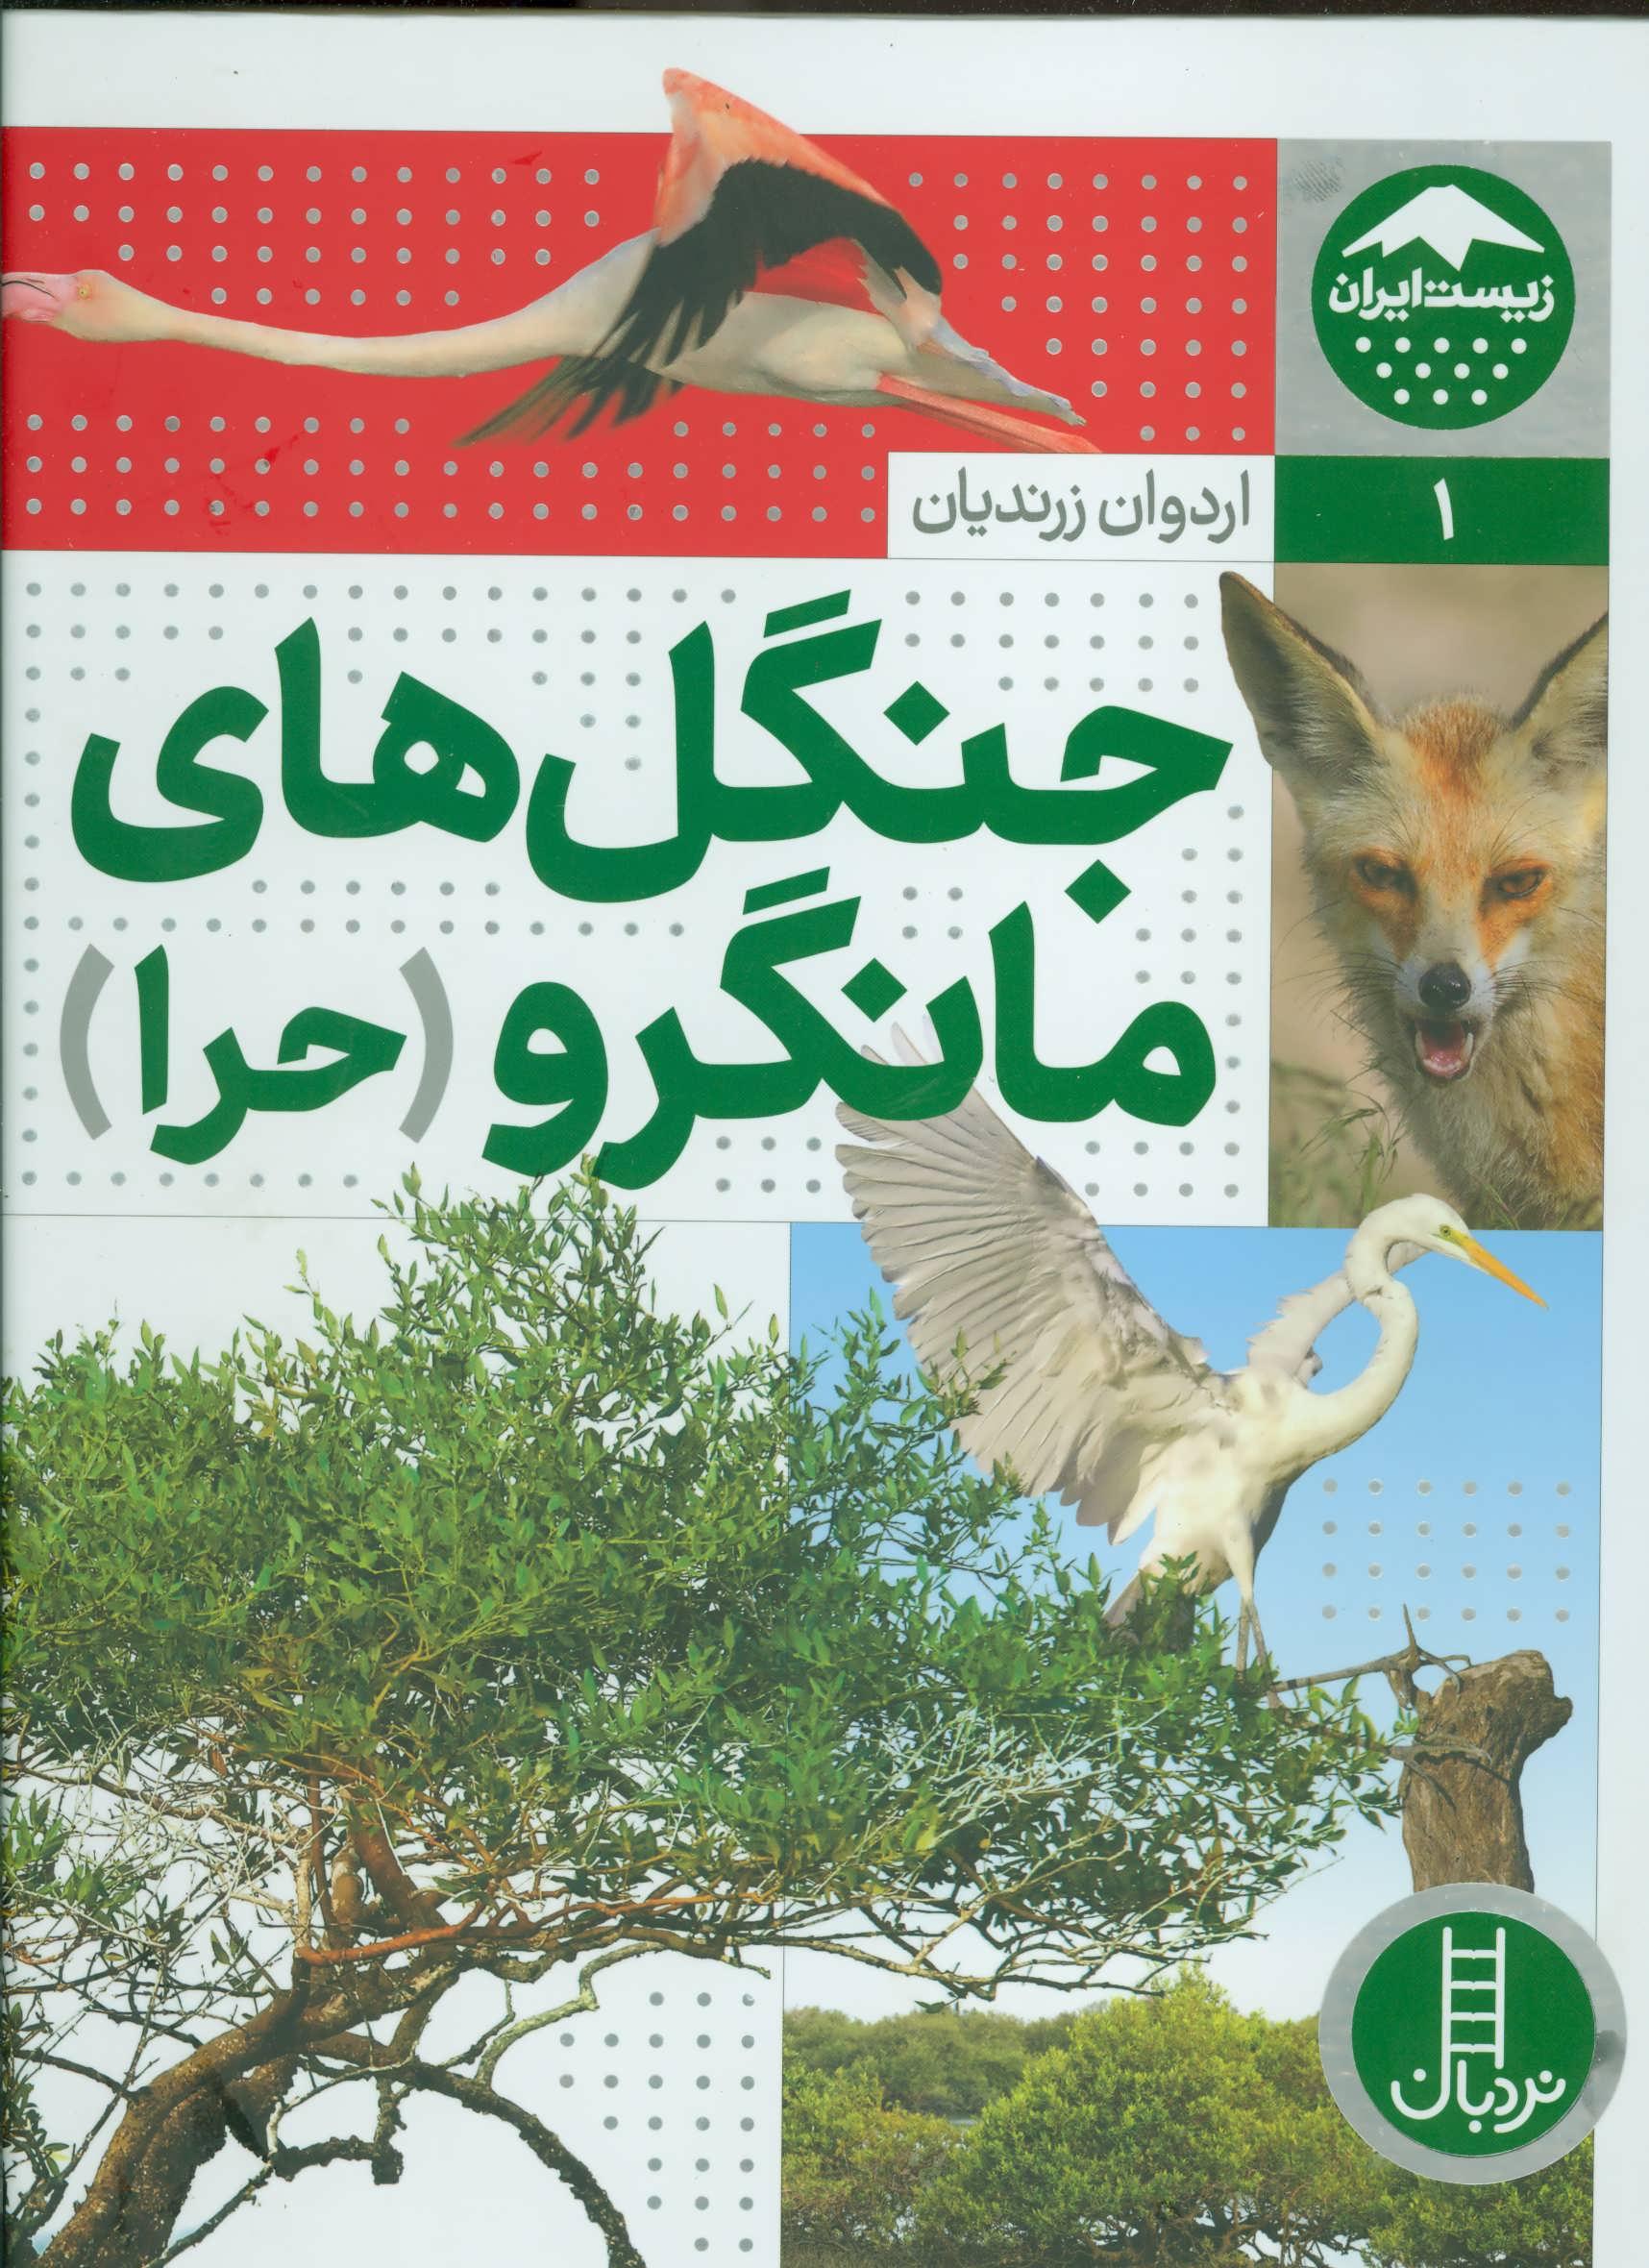 جنگل های مانگرو (حرا)،(زیست ایران 1)،(گلاسه)